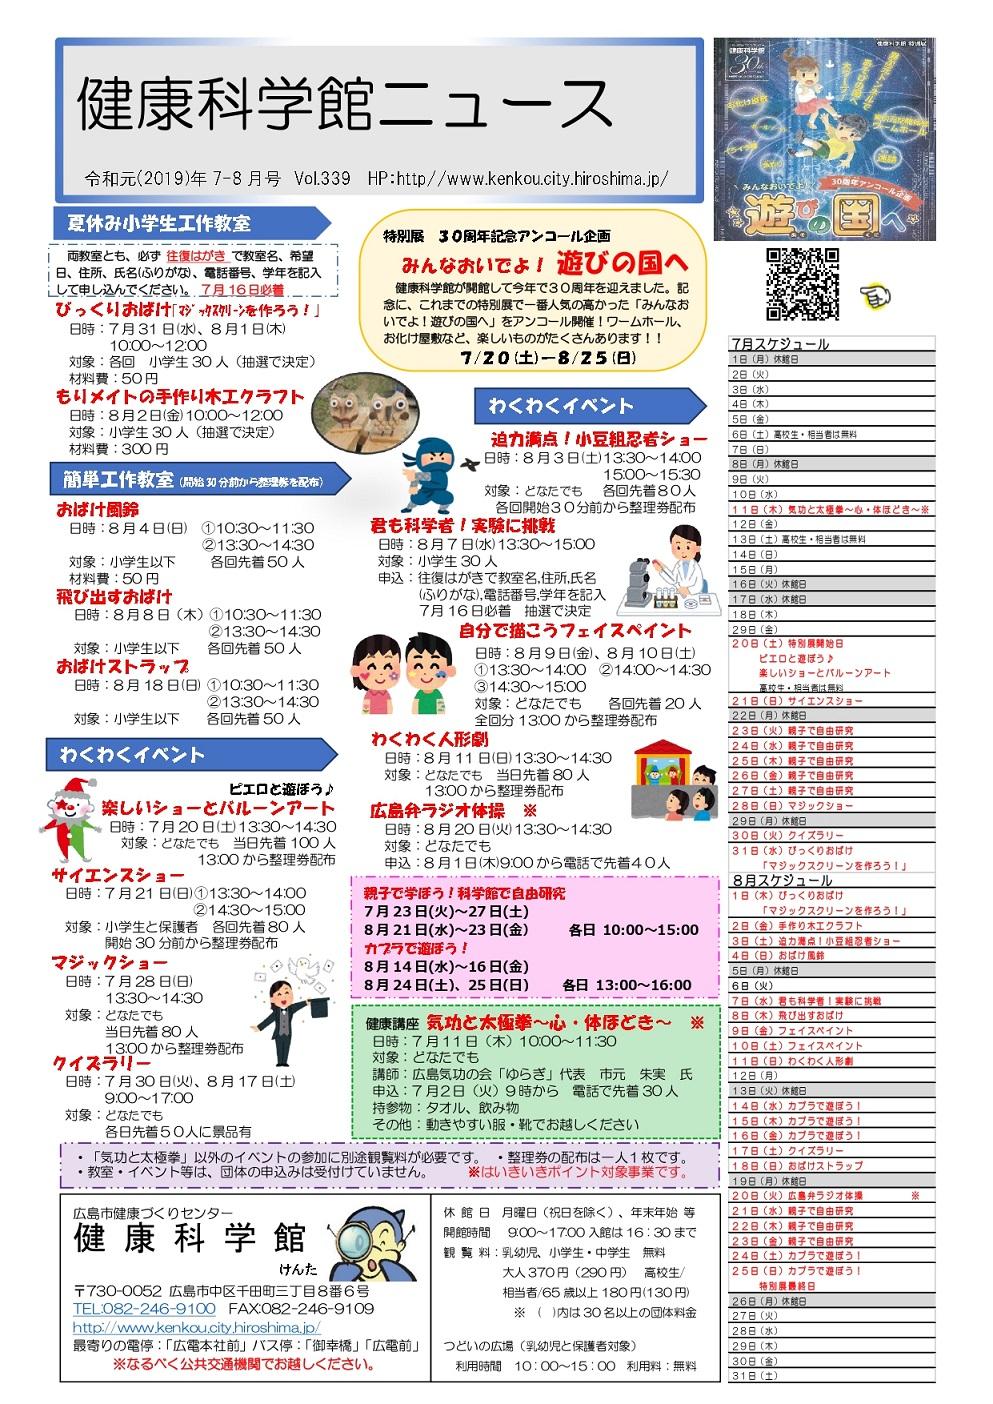 7-8月表ポスターバージョン_page-0001.jpg